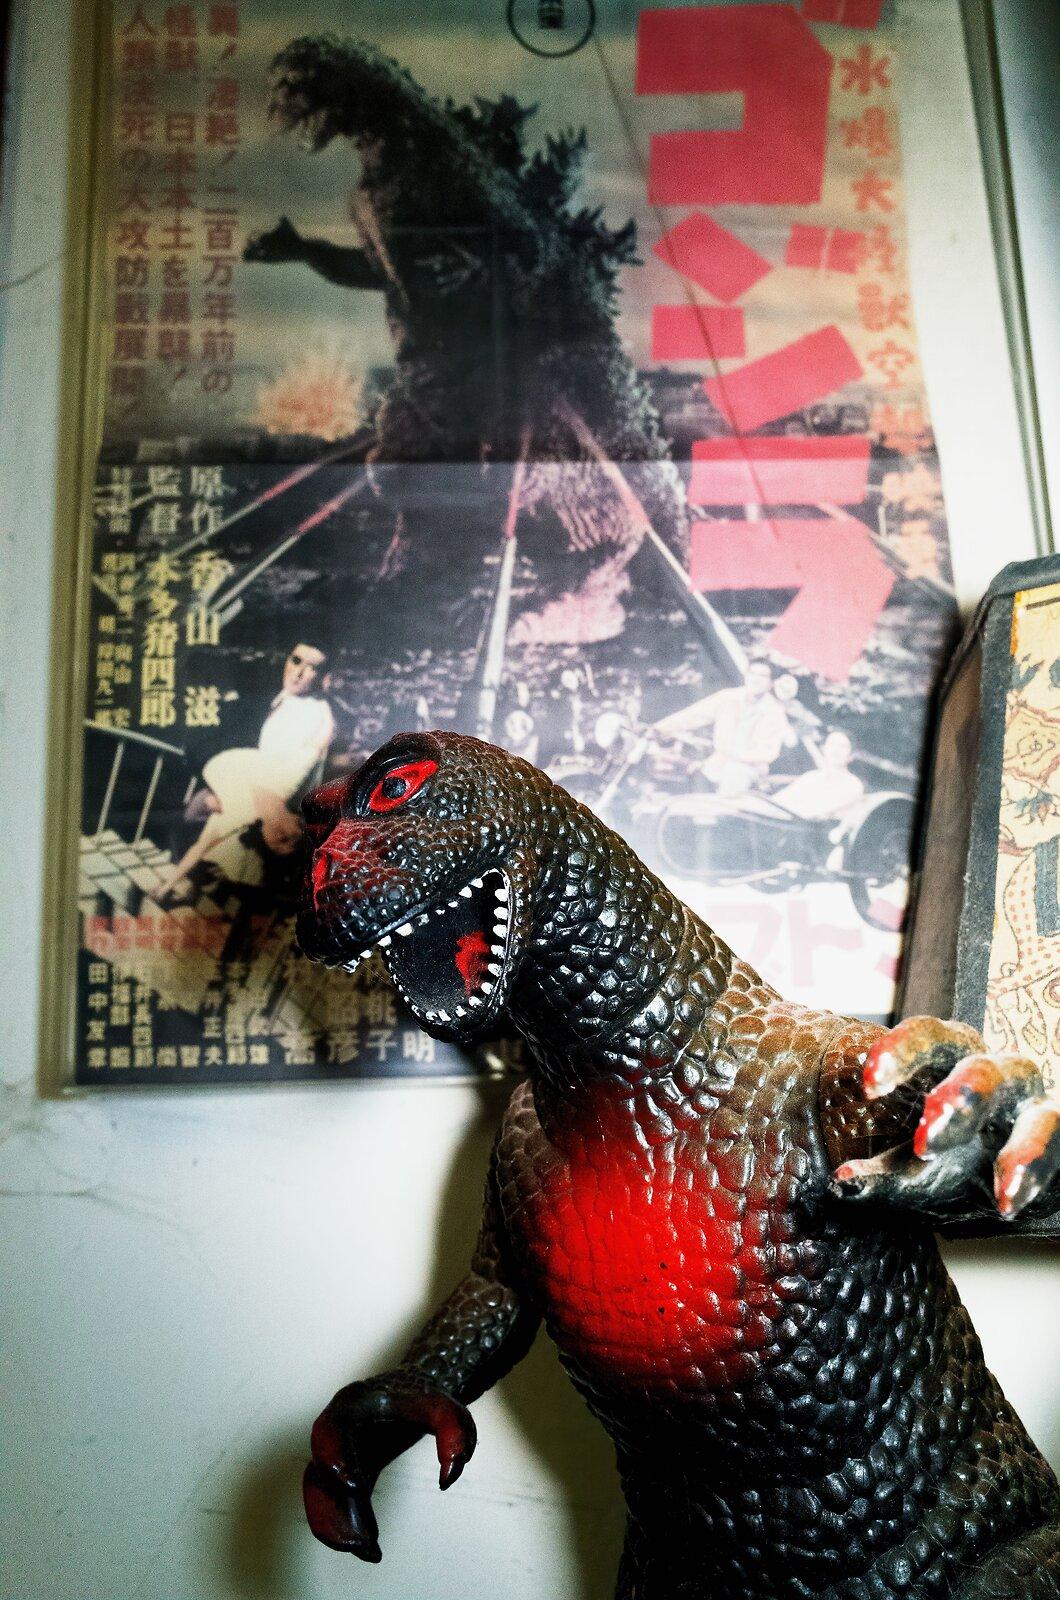 GRII_May24_My_Godzilla.jpg